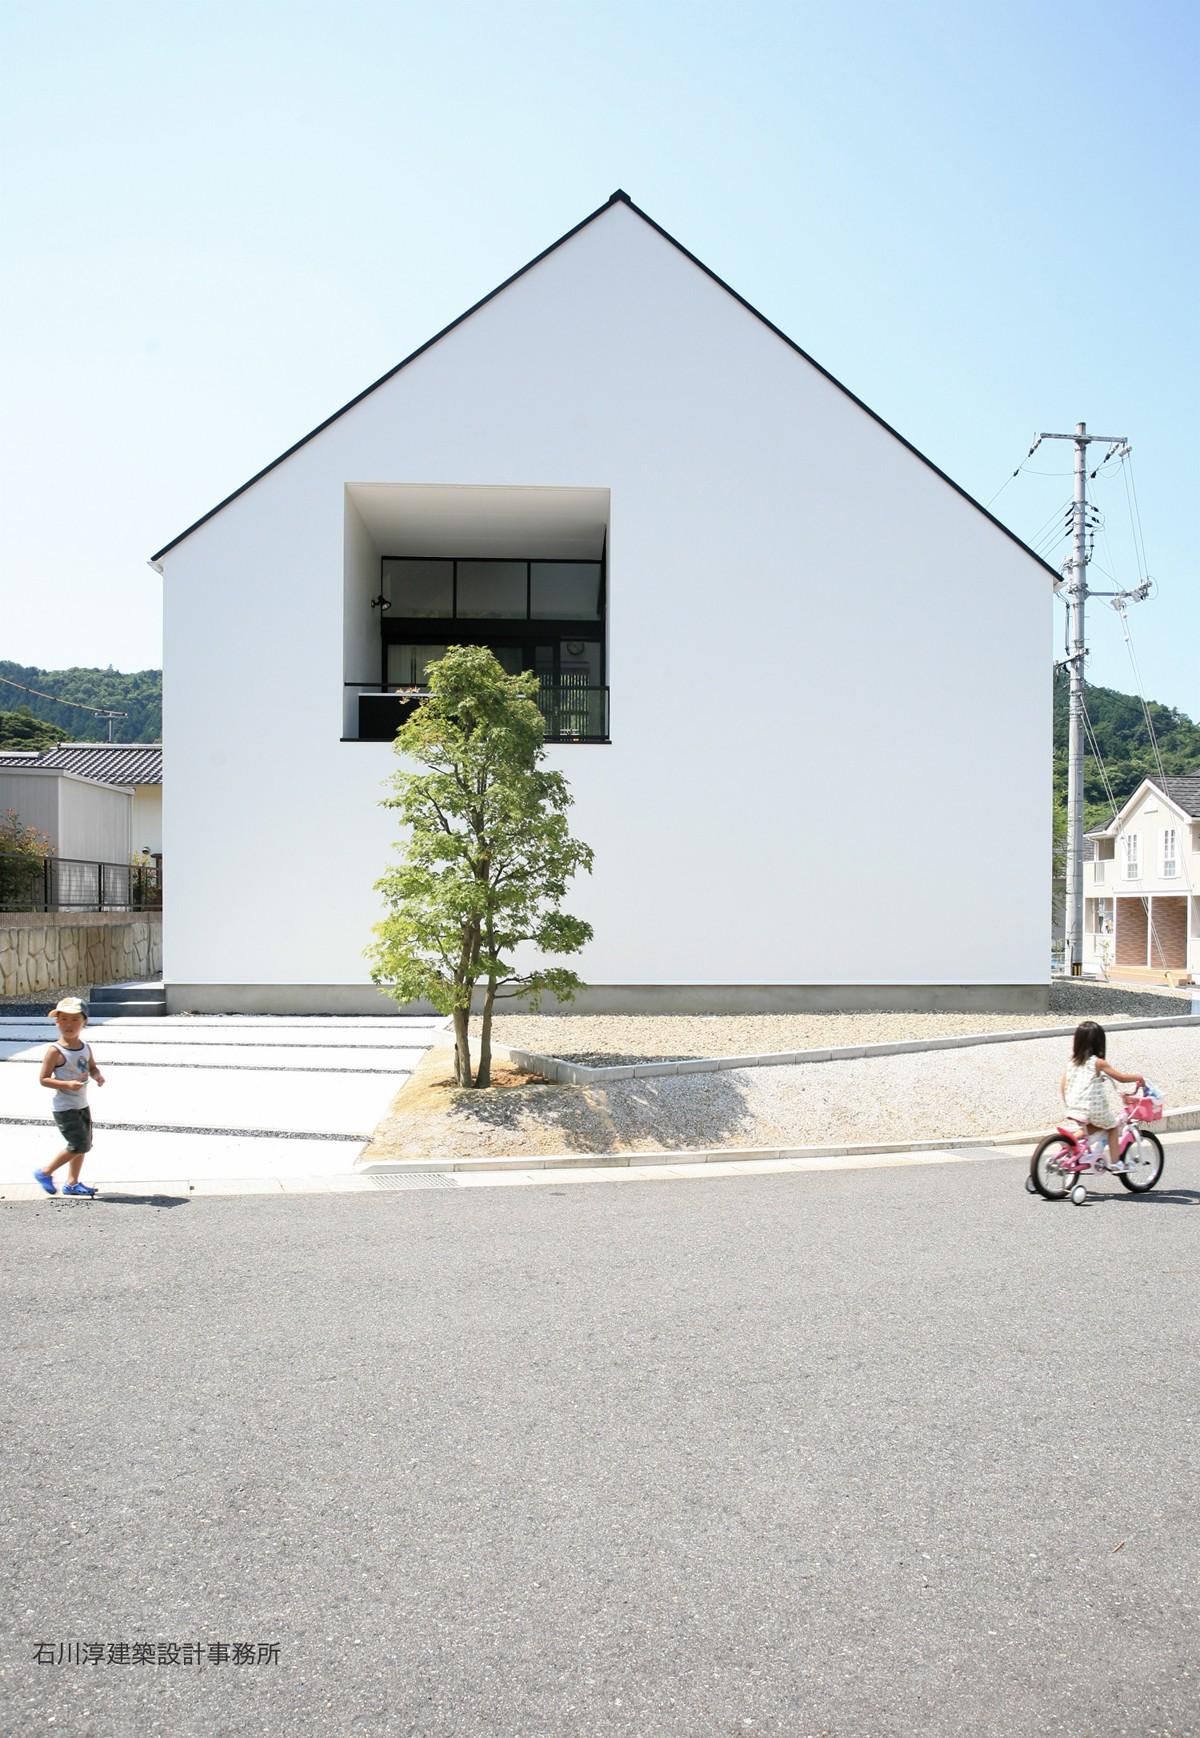 外観事例:鳥取のミニマルデザインの家 OUCHI-02(デザイン住宅外観いろいろ)